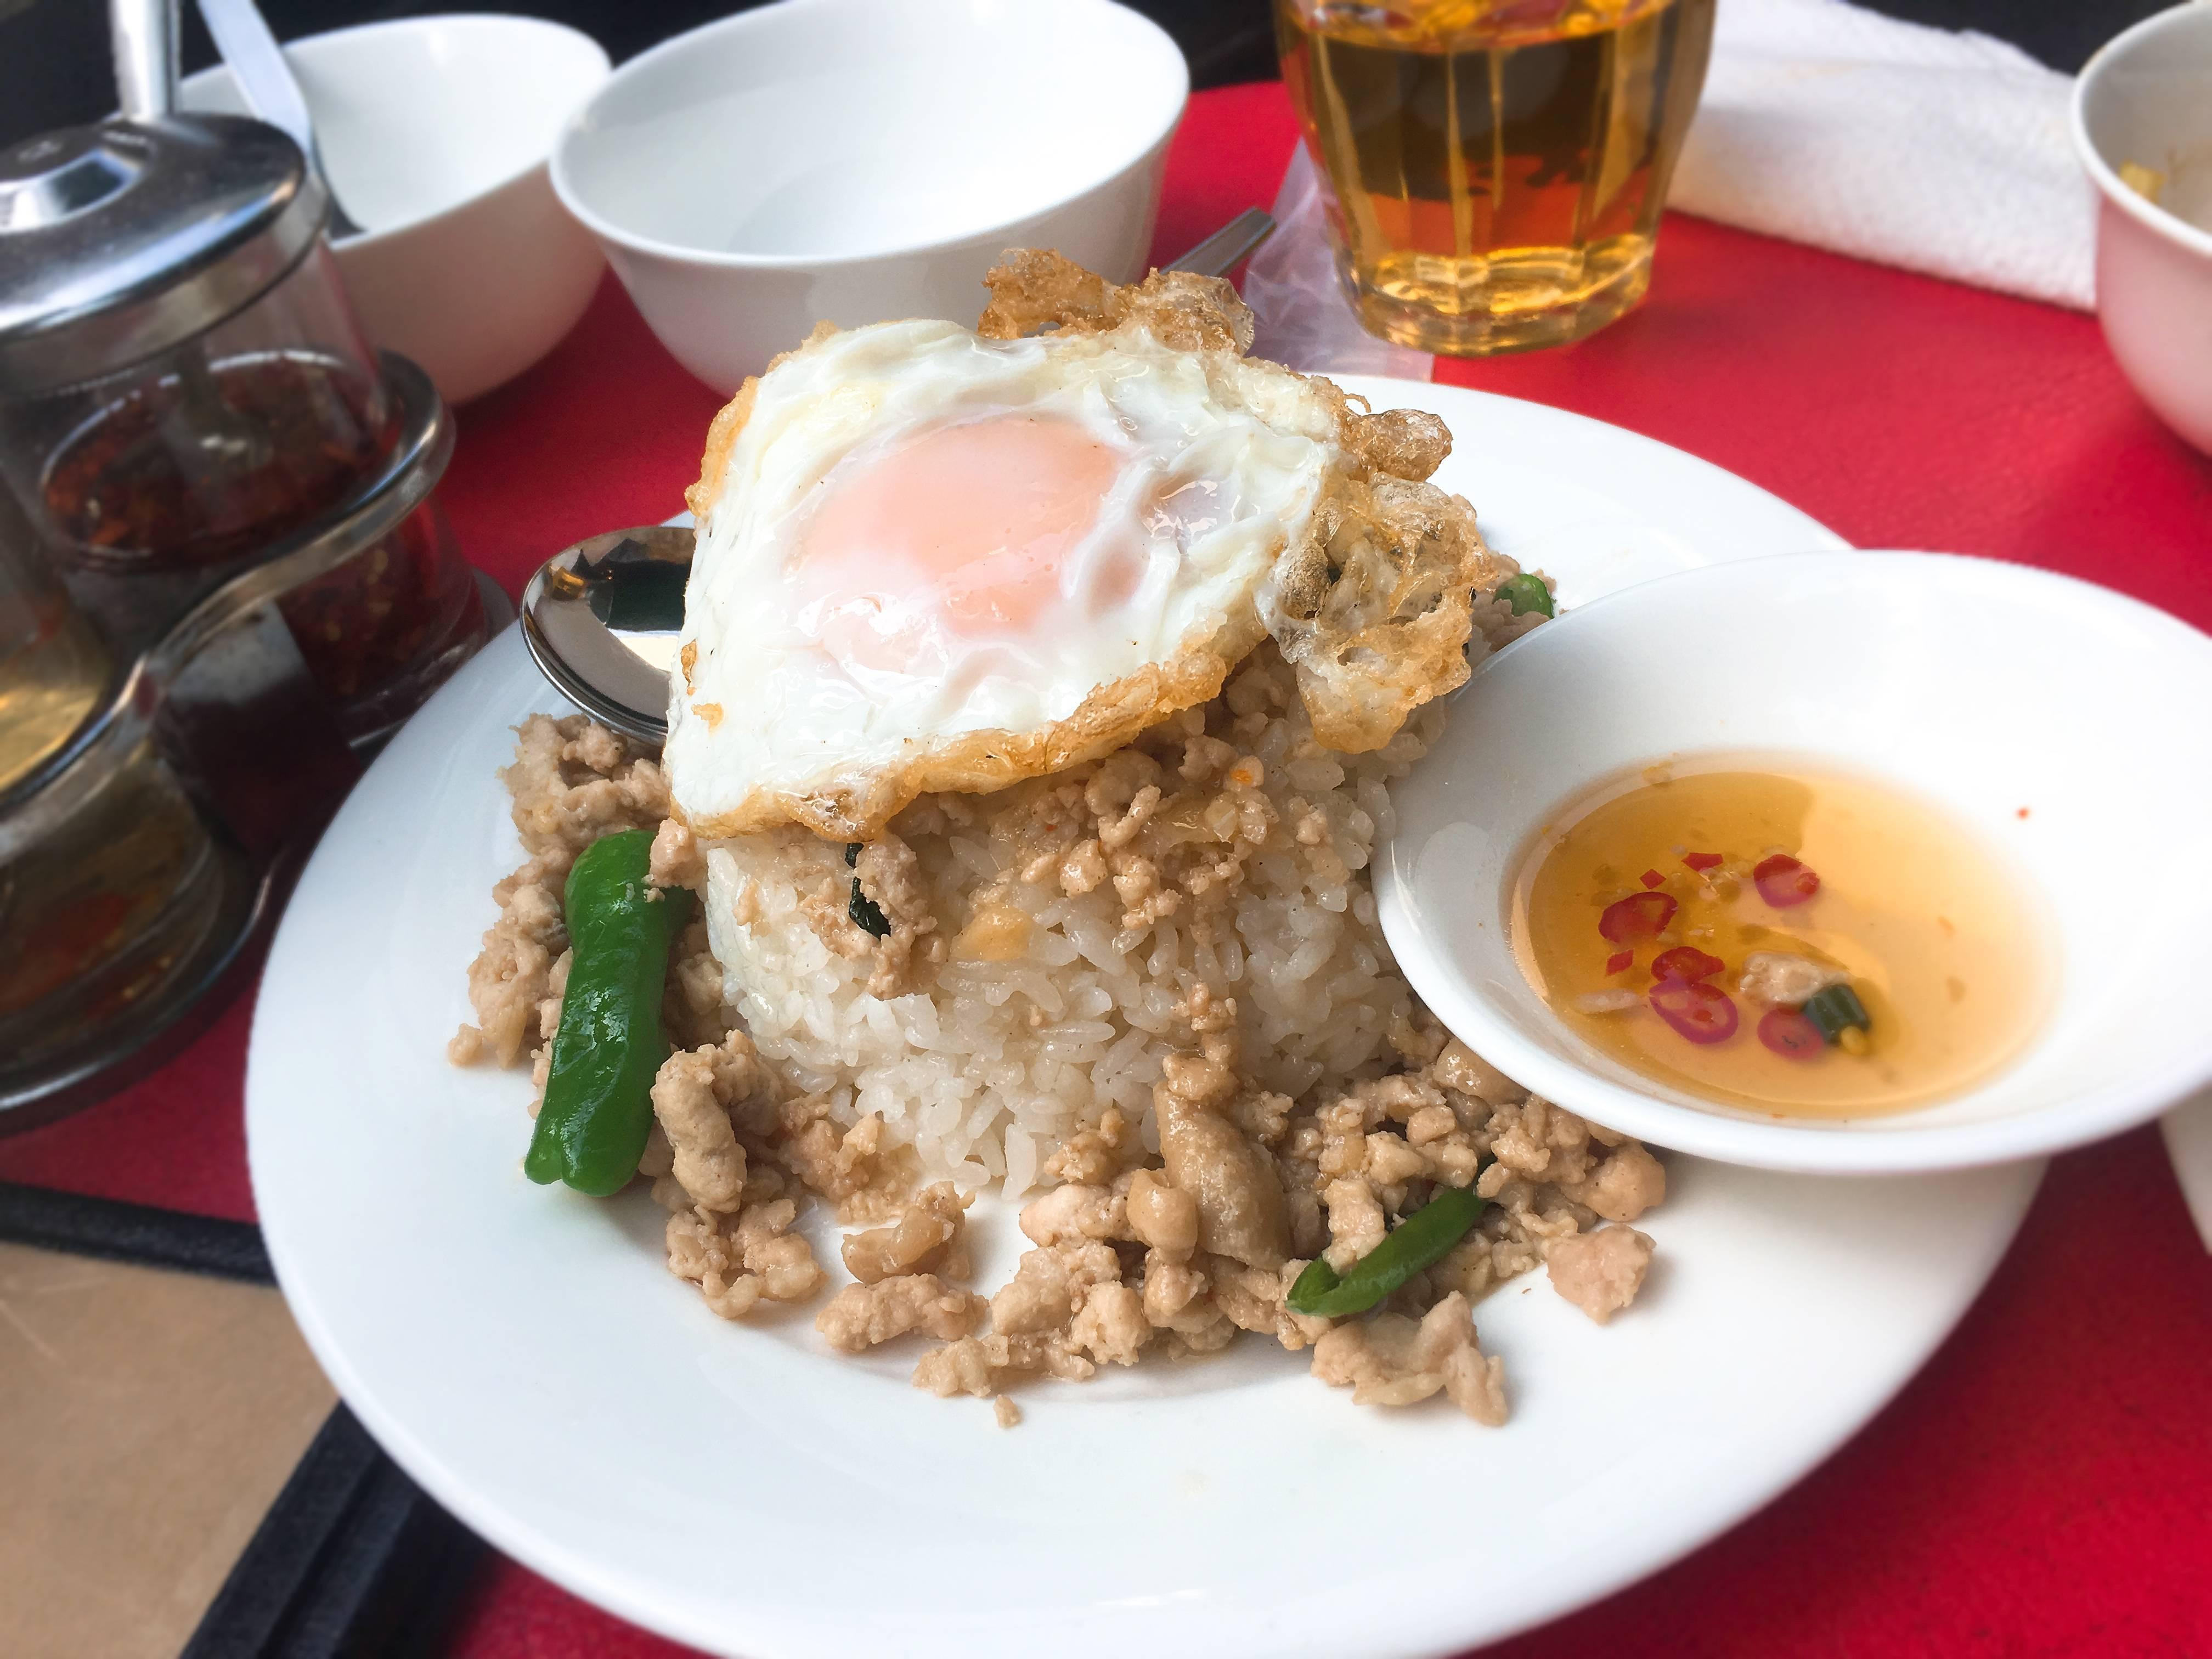 原宿にいながら本格タイ料理を味わえるお店《チャオバンブー》_1_5